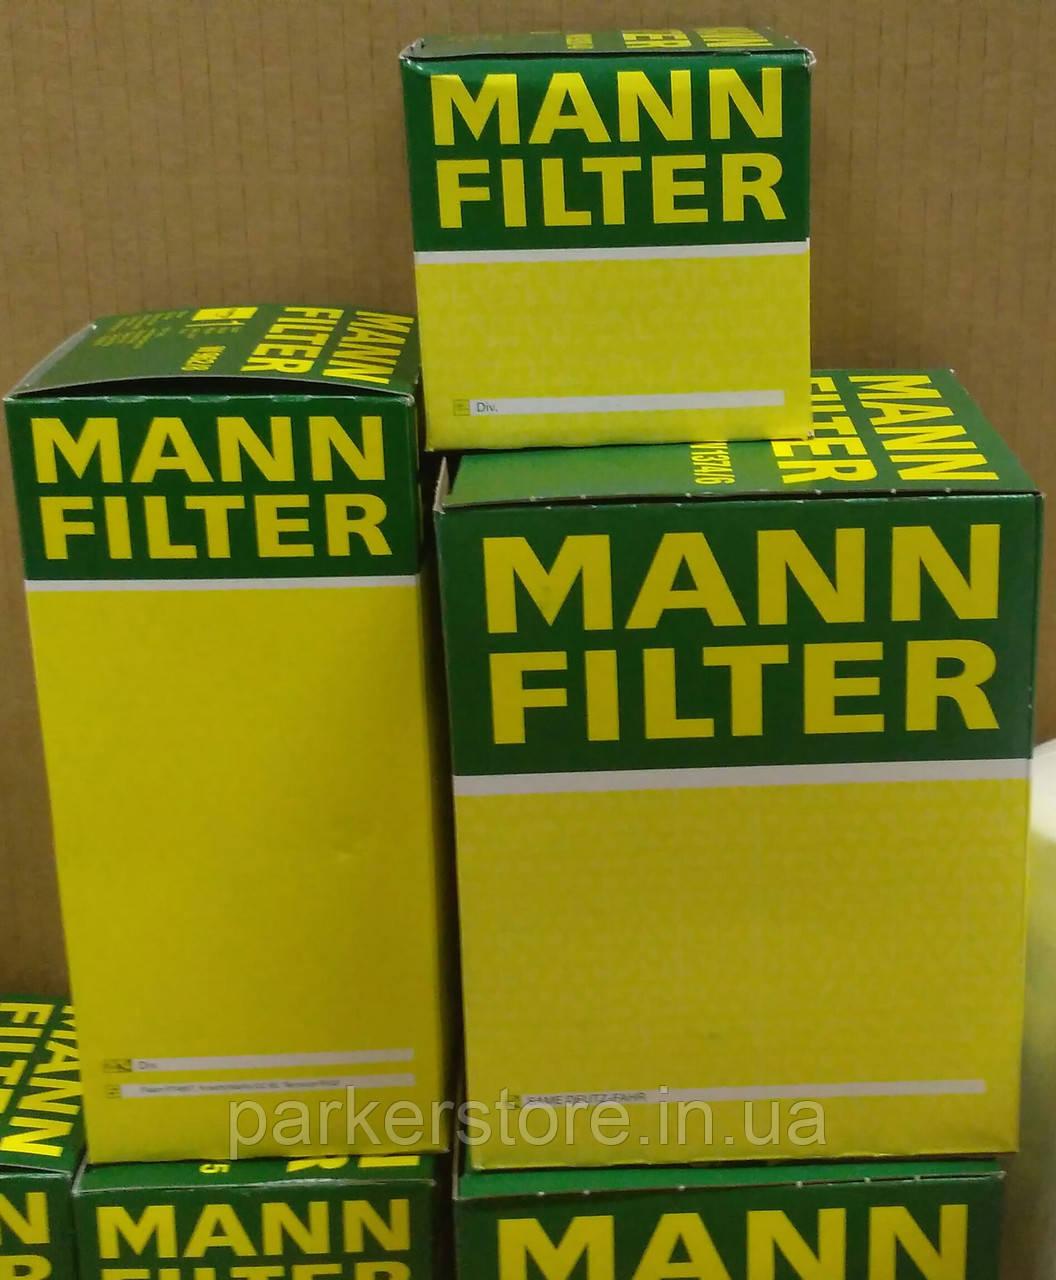 MANN FILTER / Повітряний фільтр / C 30 810/3 / C30810/3